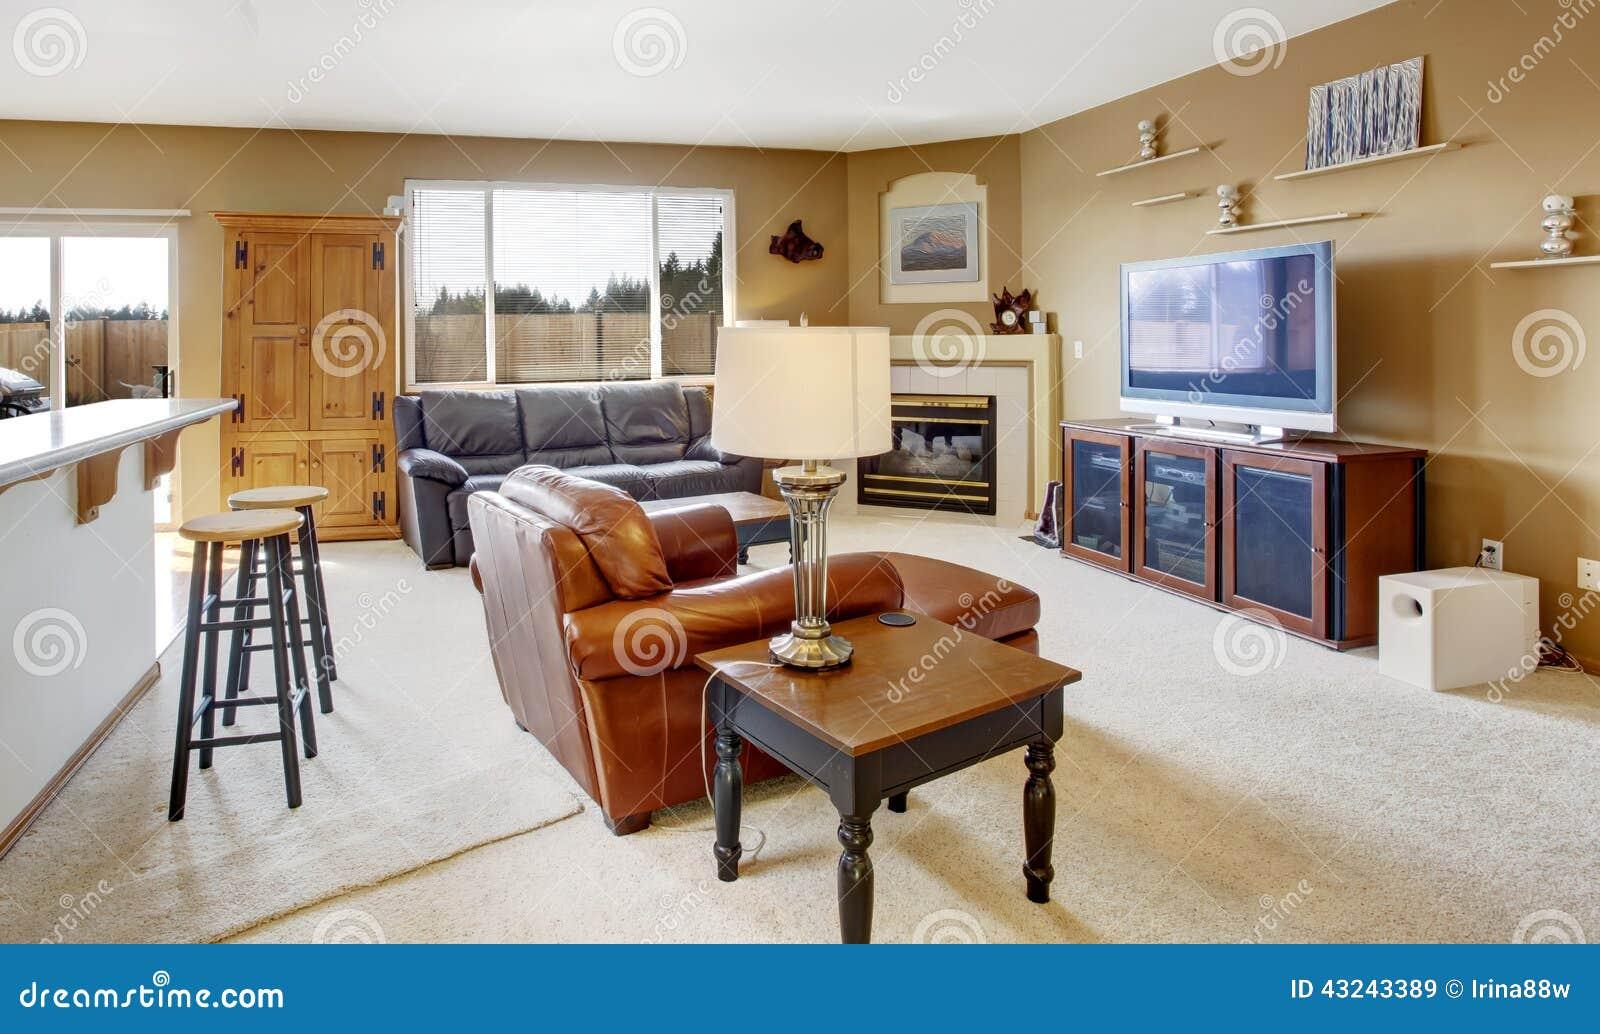 Brilliant Gemütliches Wohnzimmer Referenz Von Gemütliches Mit Kamin Und Ledercouch